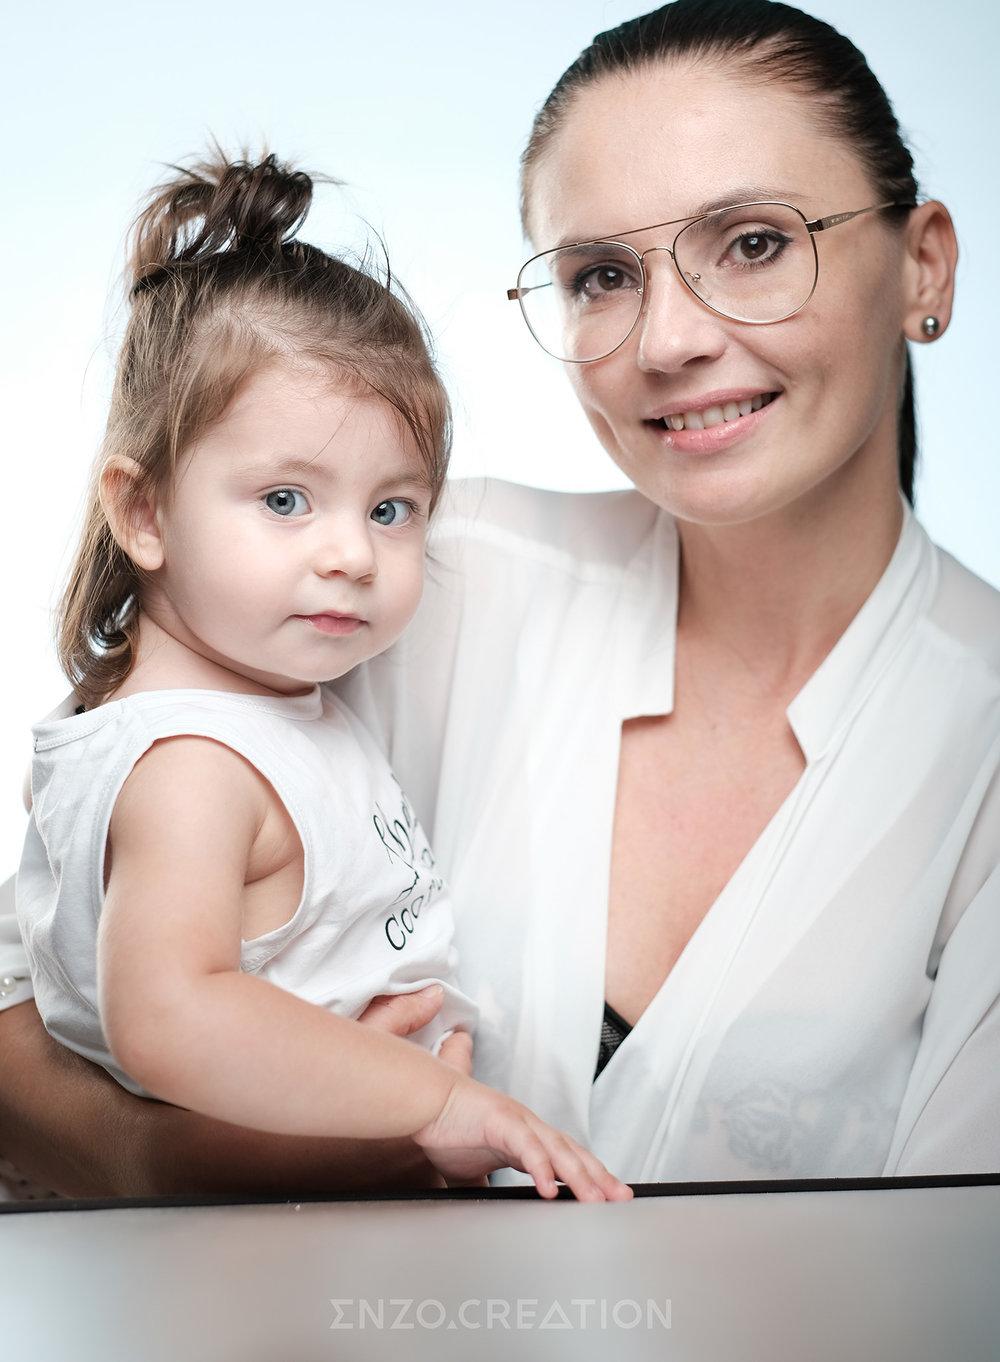 6) Laura Camelia Pascut + Cataleya Alana Santos